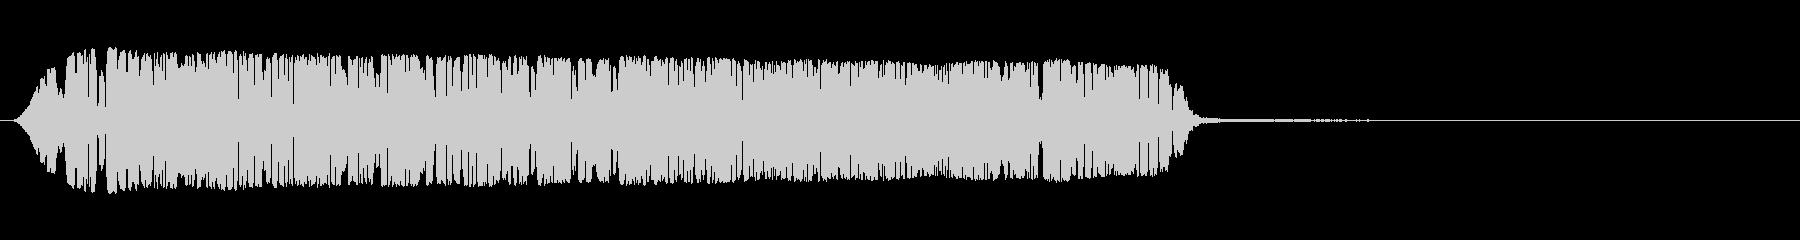 THEREMIN:ハイスキーリング...の未再生の波形